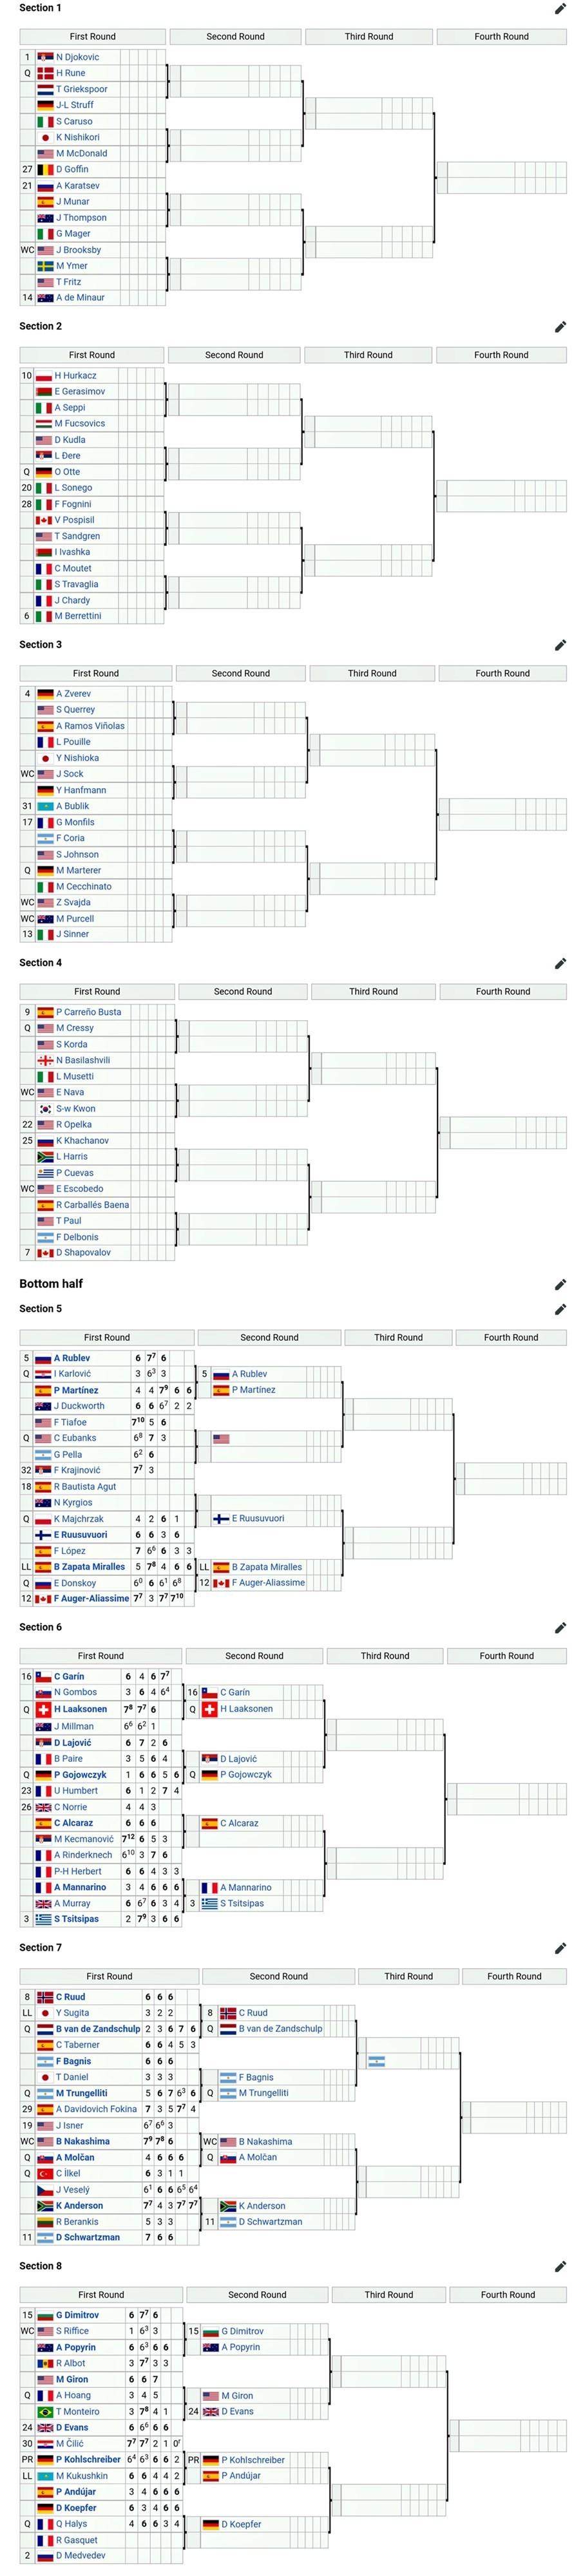 Kết quả tennis US Open 2021 đơn nam hôm nay